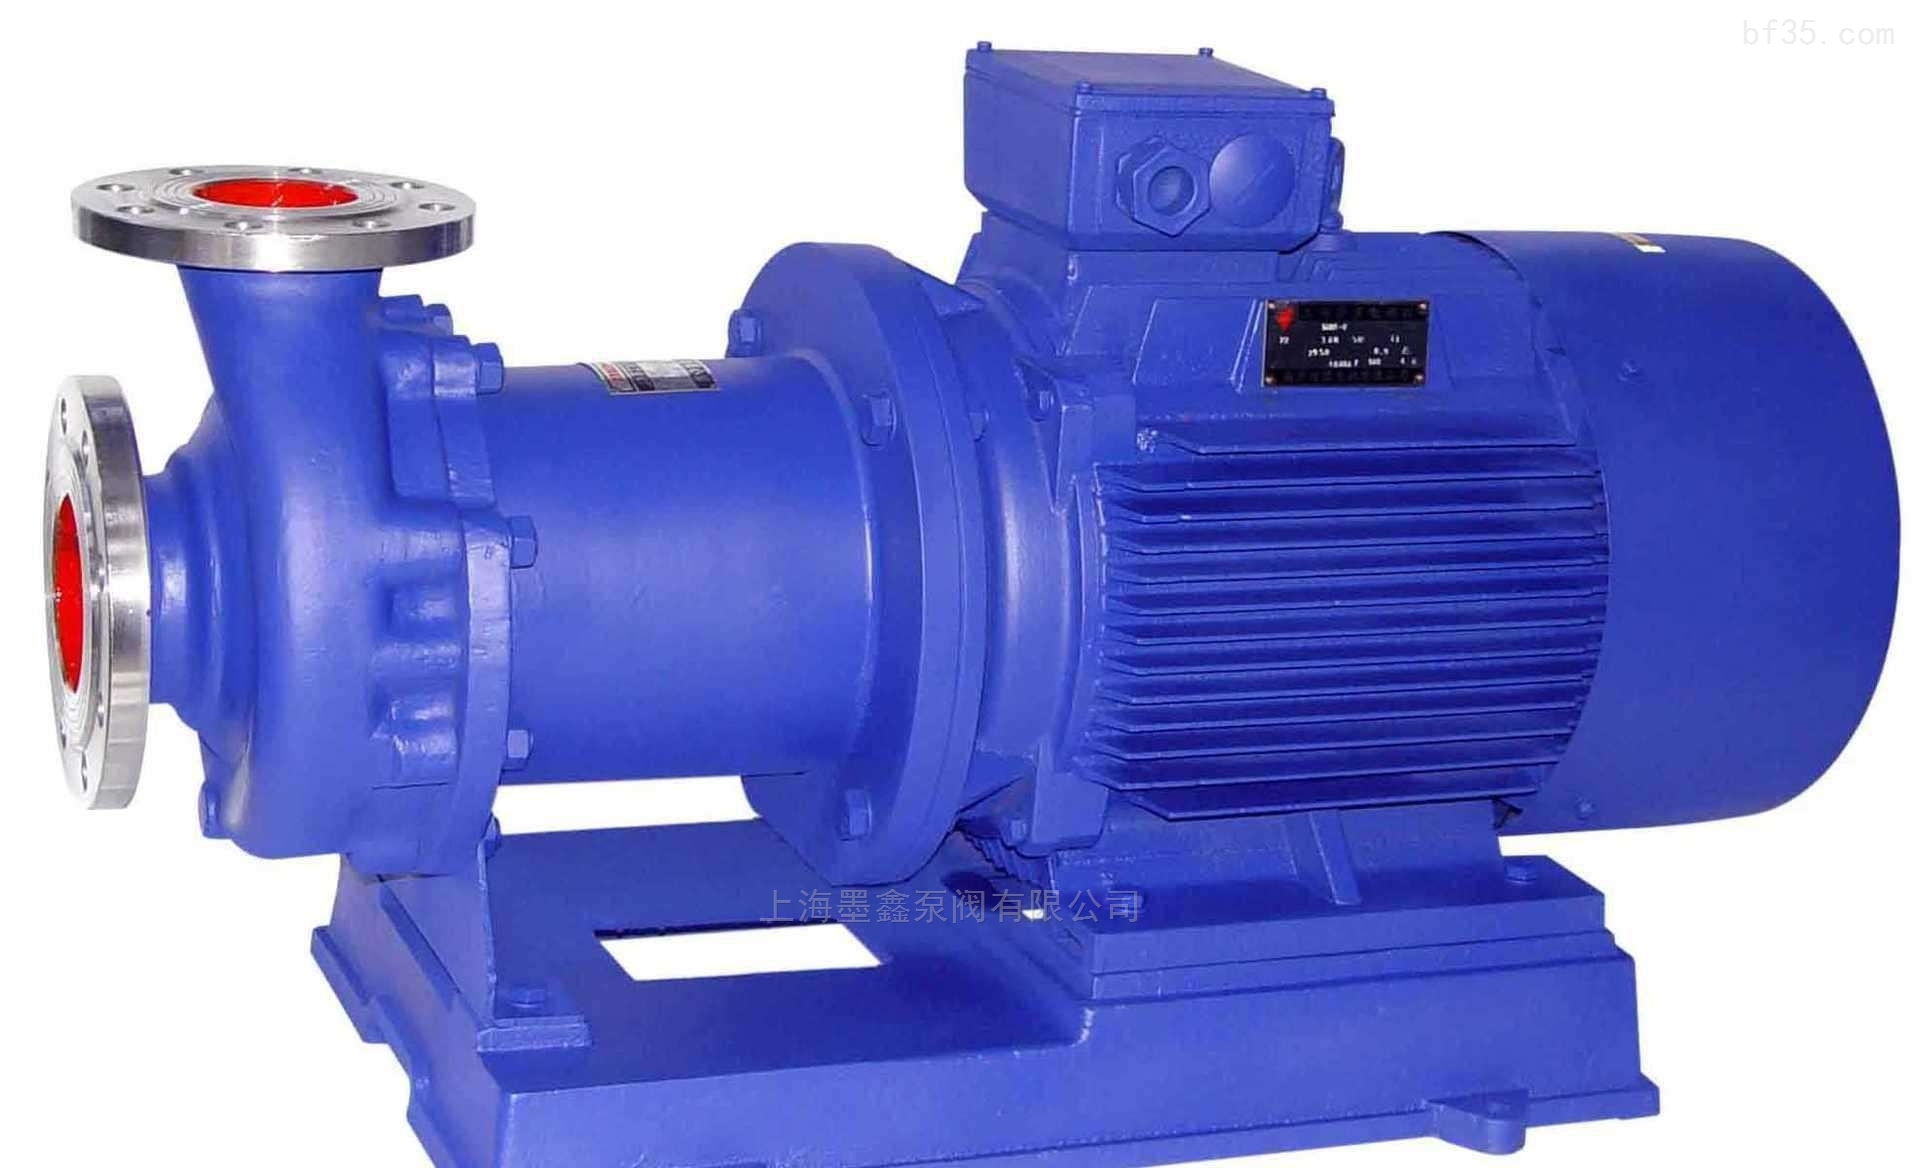 磁力驅動泵_不銹鋼磁力泵